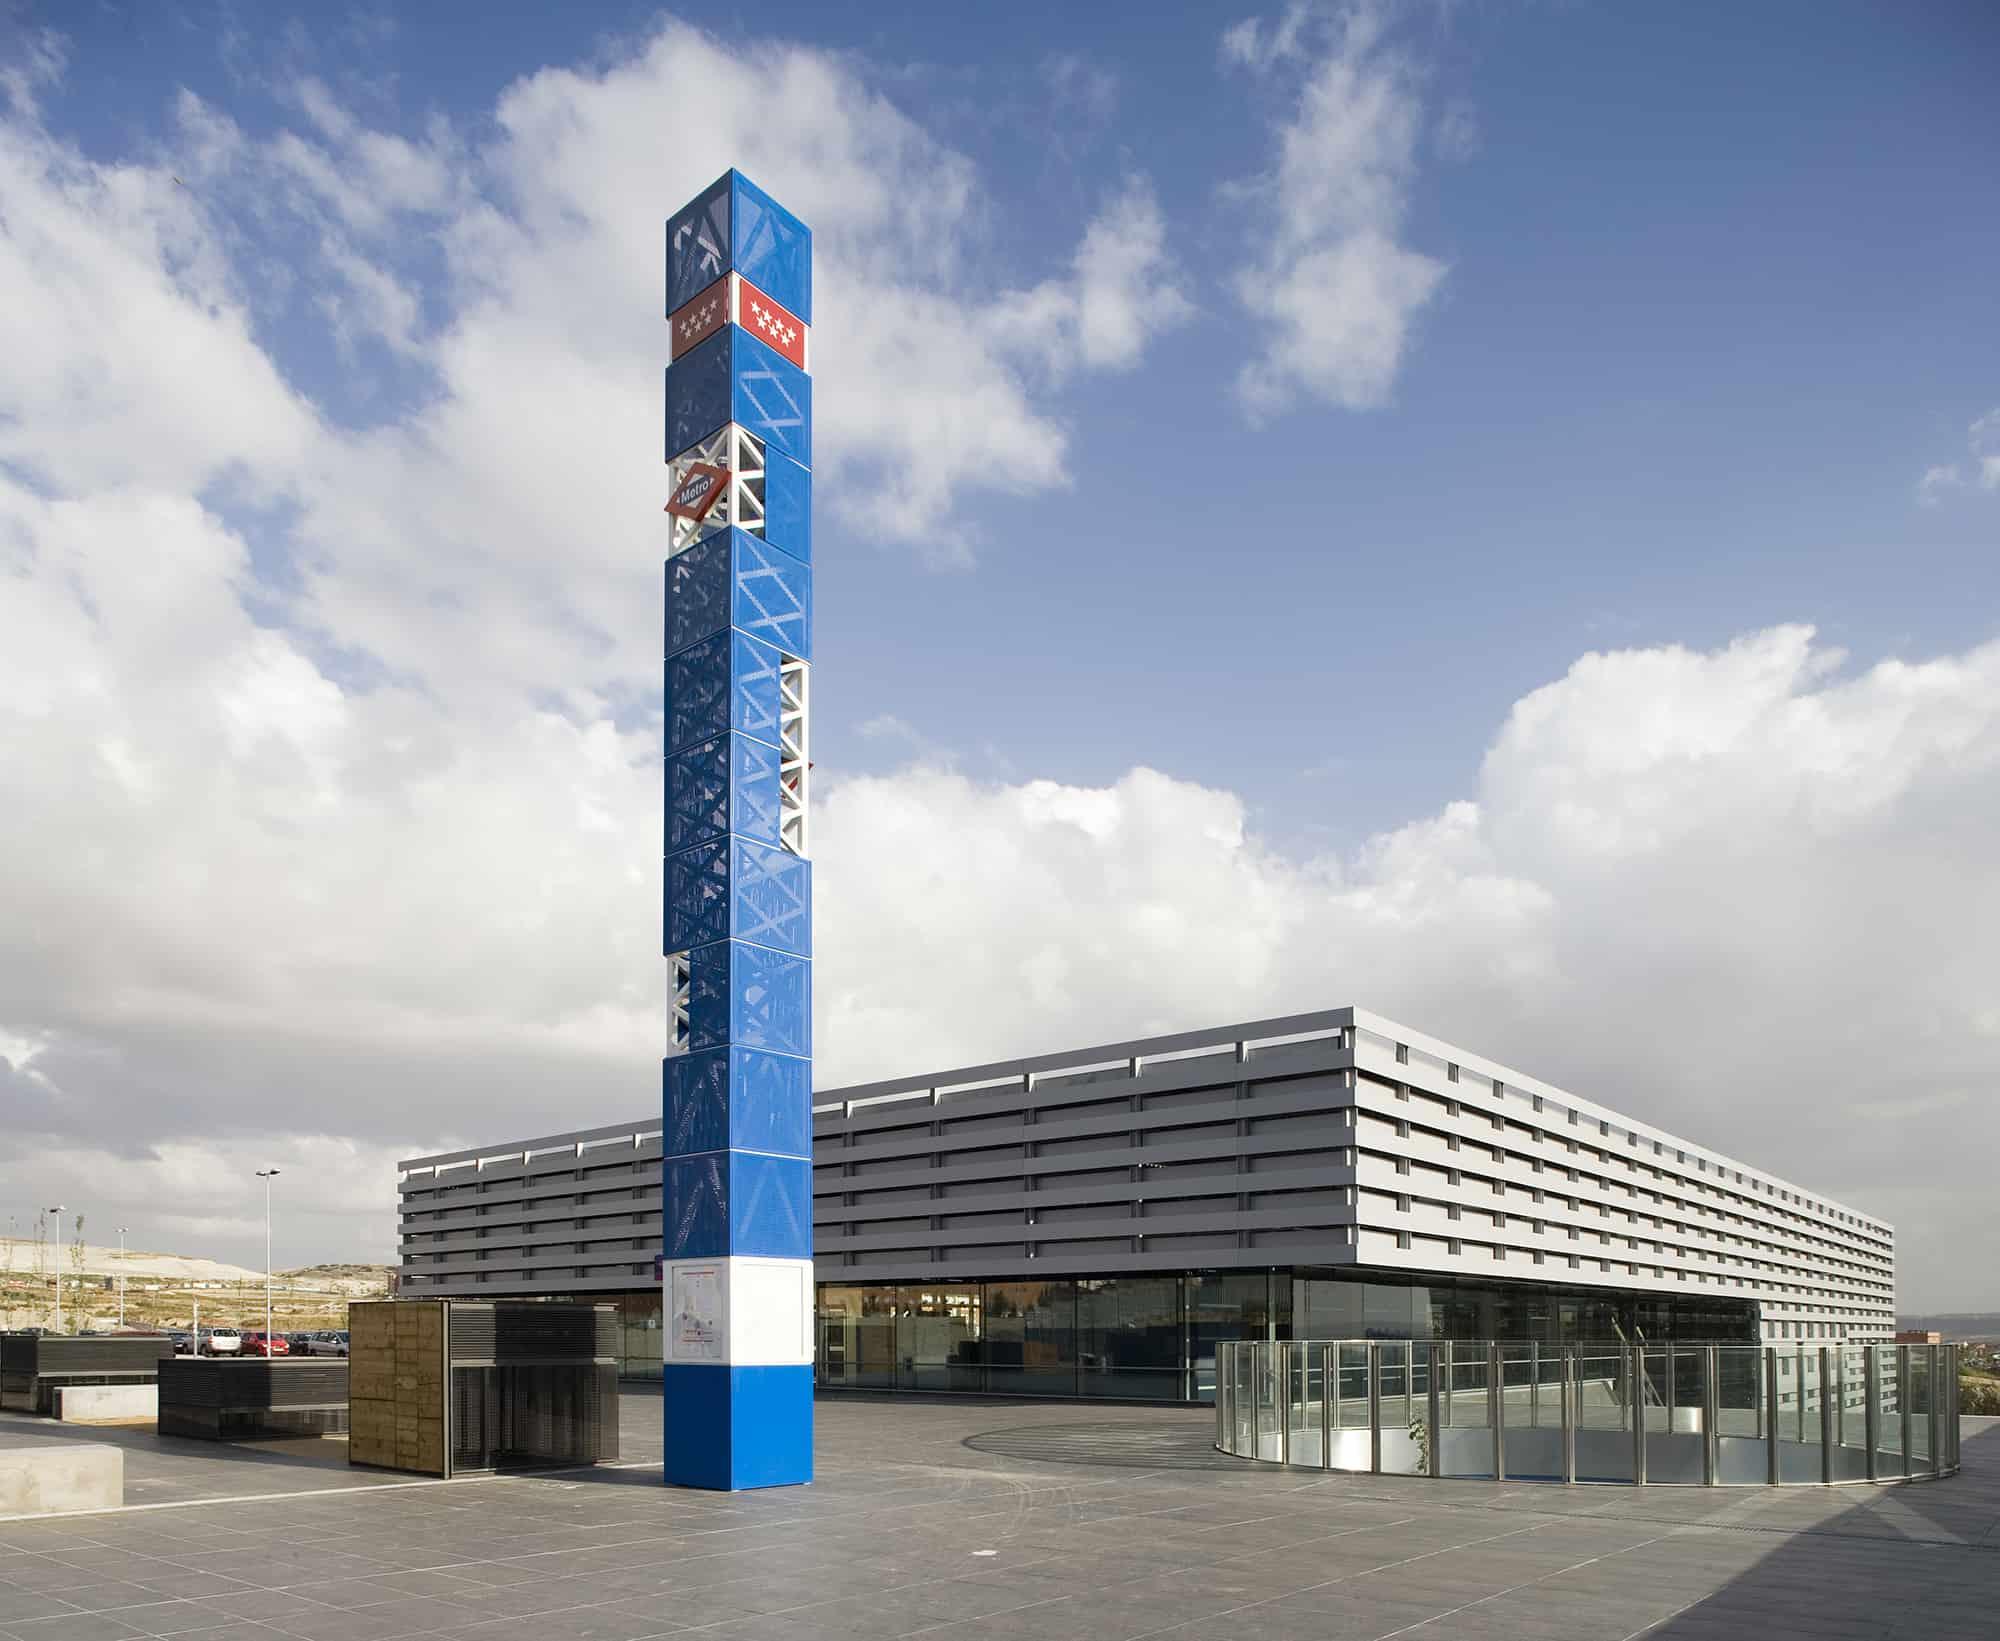 Estación Rivas Futura METRO de Madrid - arquitectura transporte - LGV+LANDINEZ+REY   equipo L2G arquitectos, slp [ eL2Gaa ]